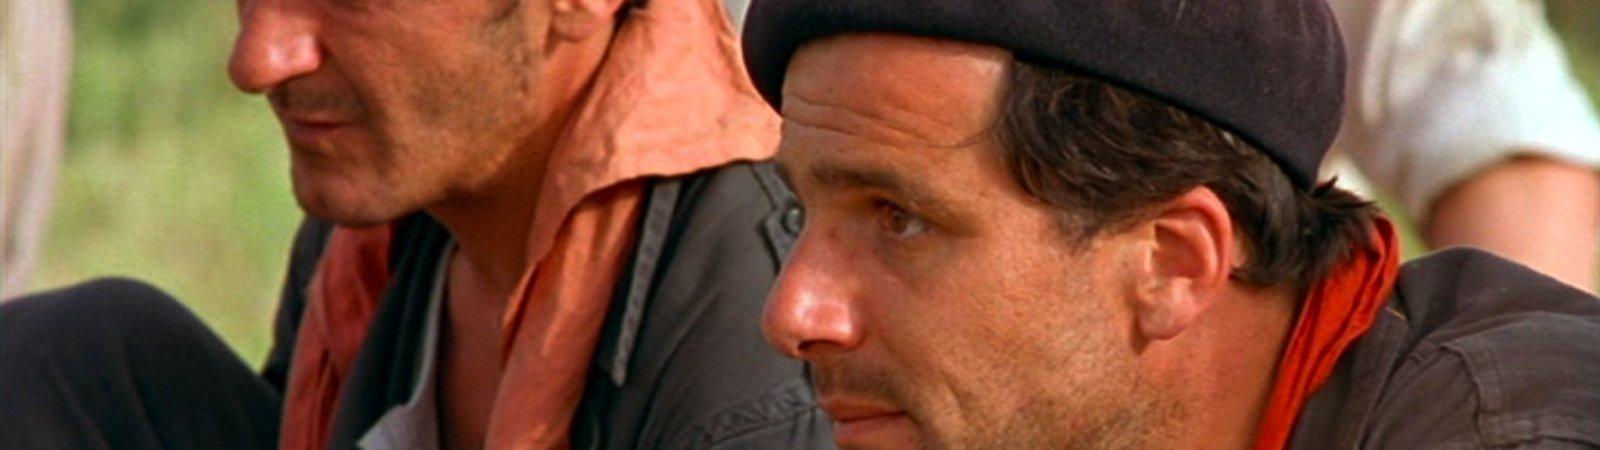 Photo du film : Land and freedom